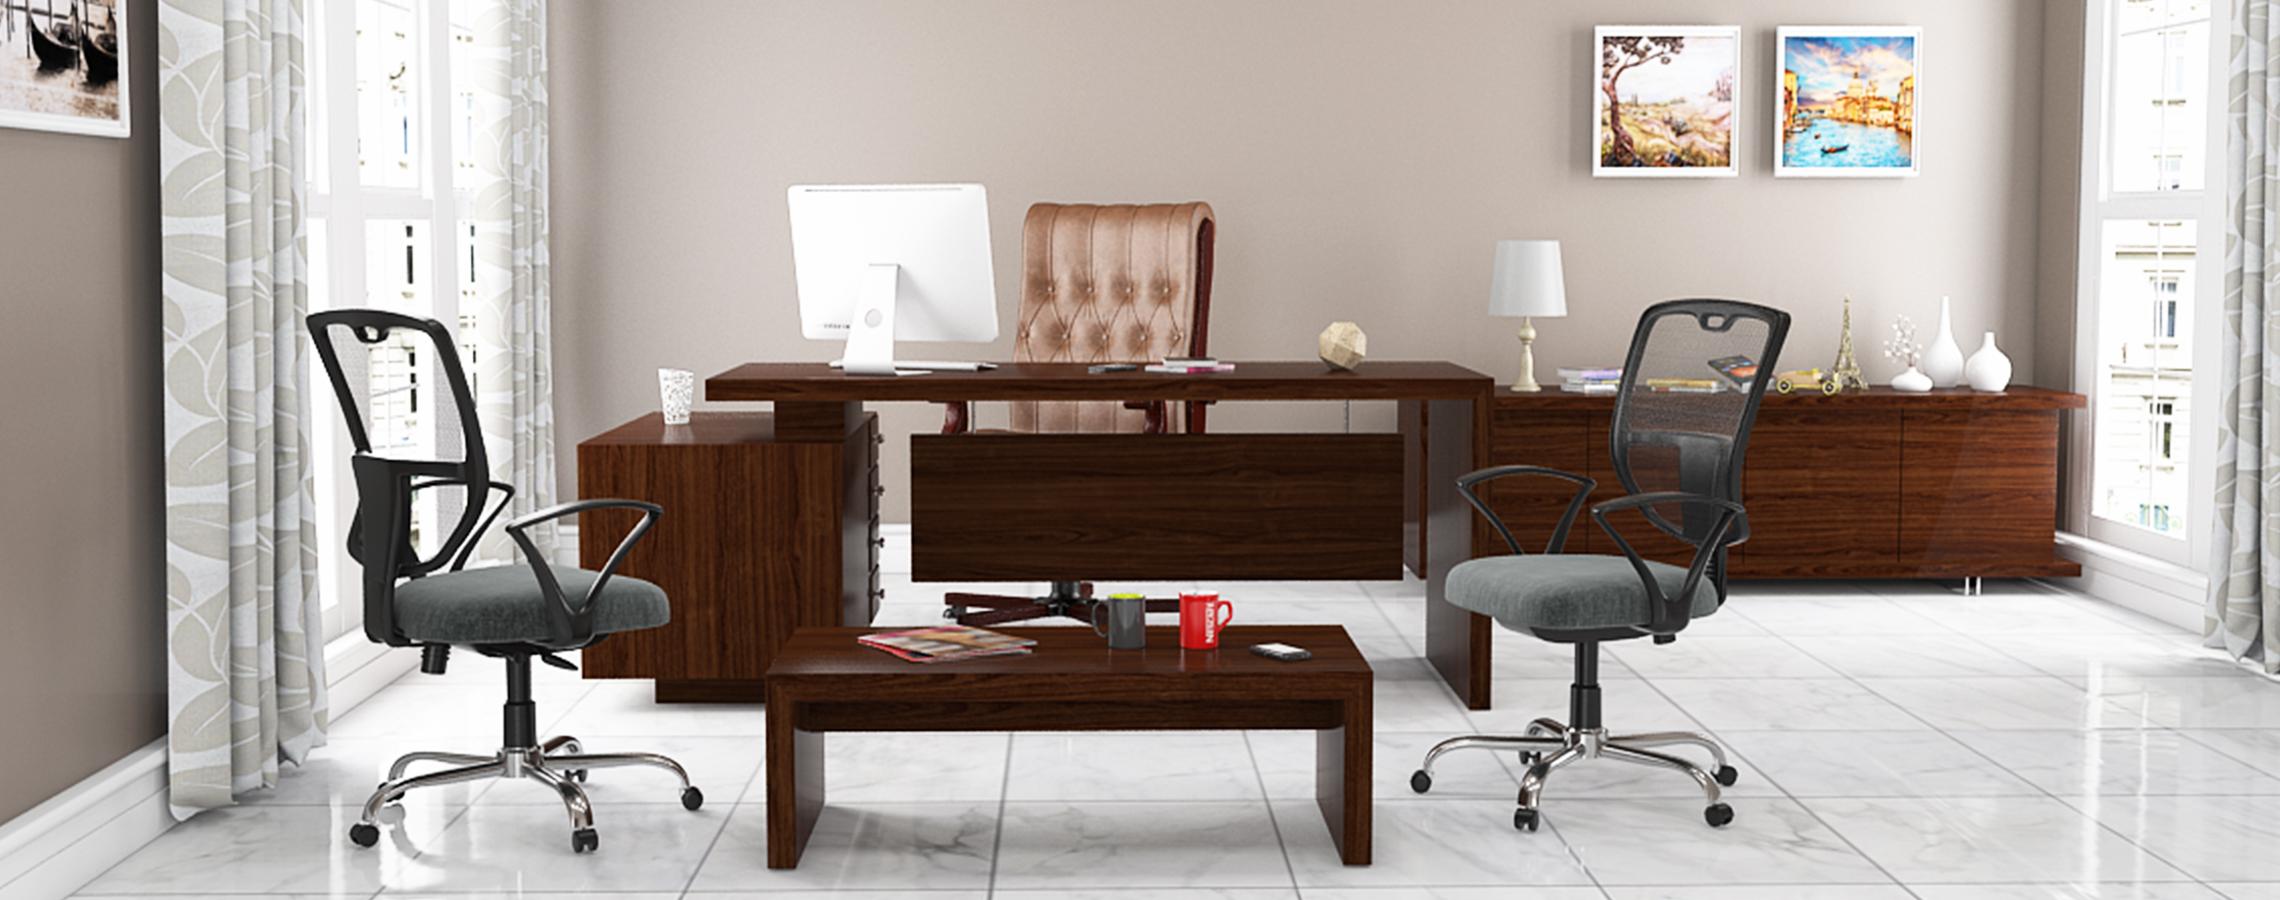 Office interiors, Turnkey Office Interiors